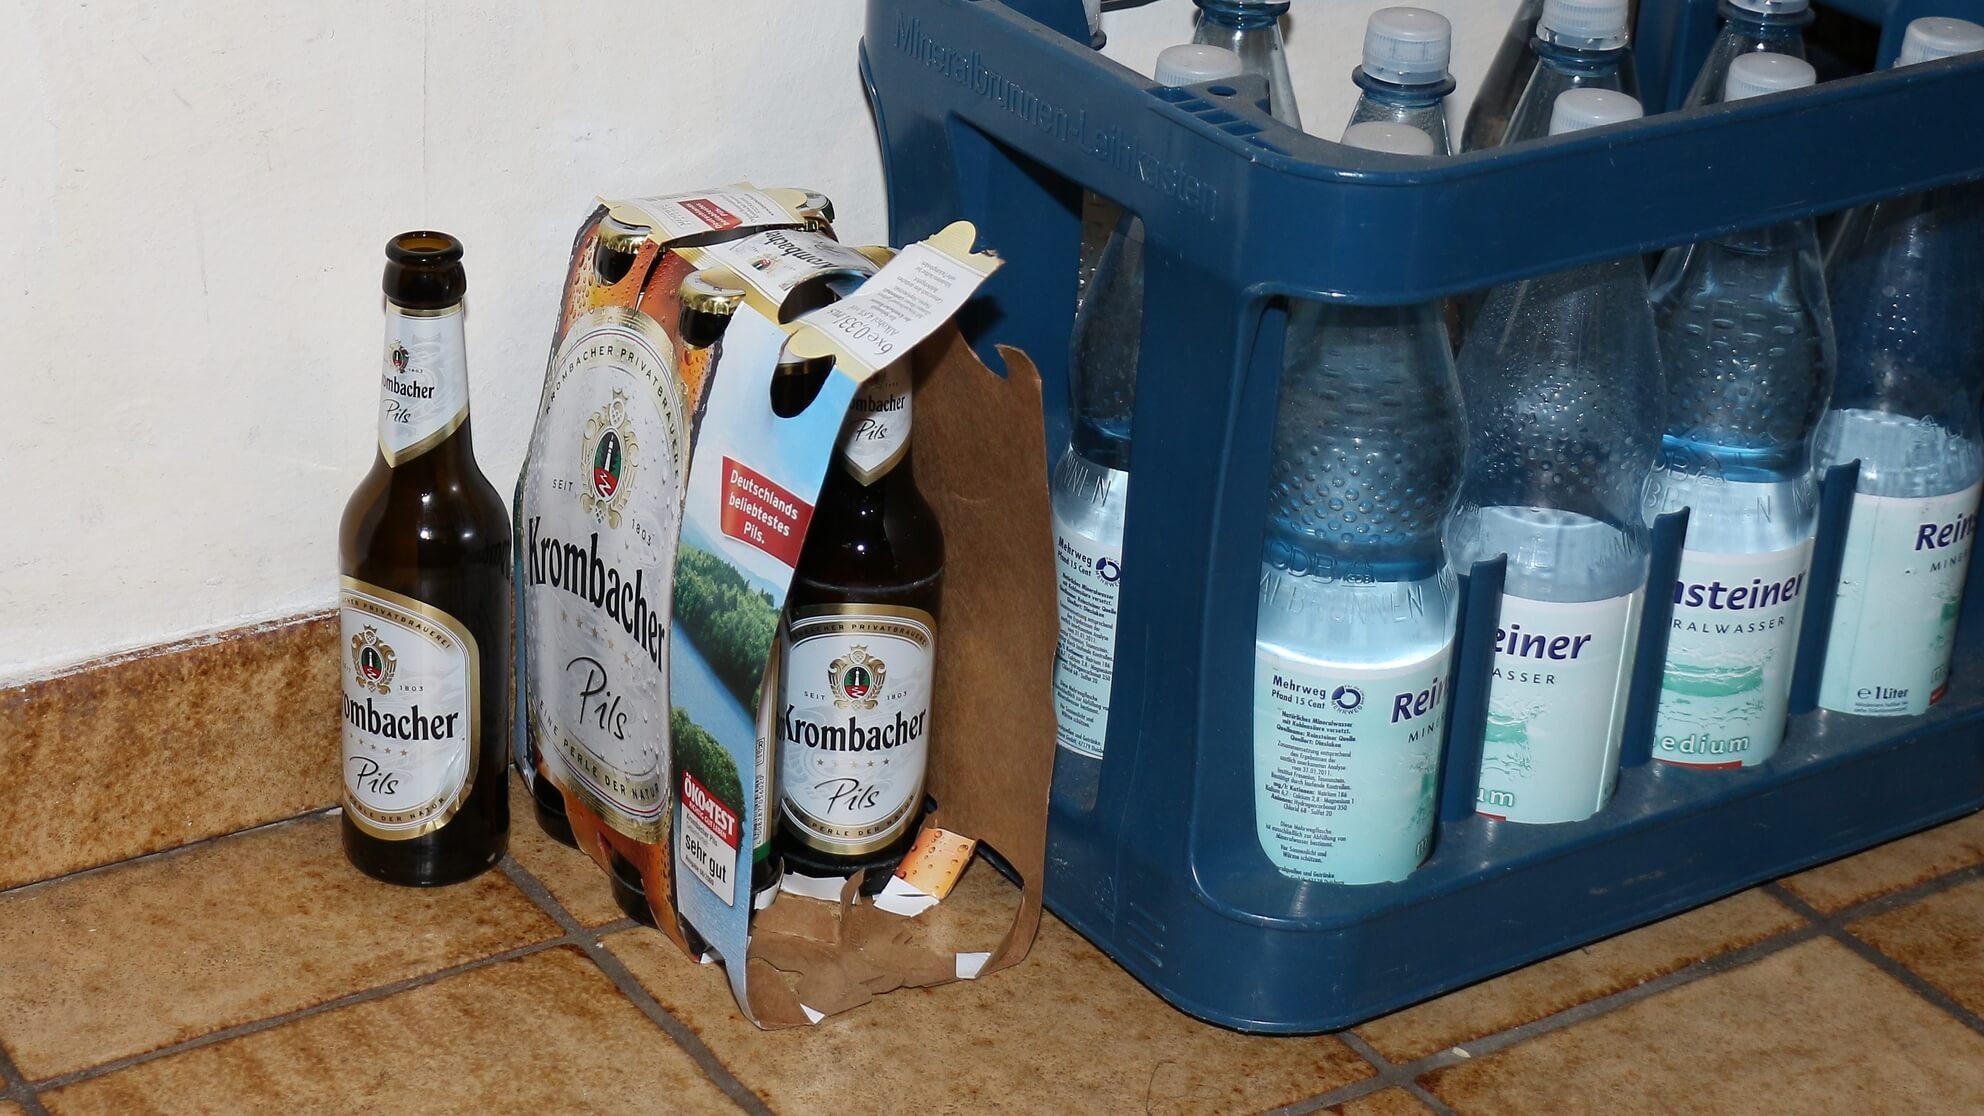 Allgegenwärtiger Alkoholkonsum – Bunkern ist legal, viele trinken sich durch den Lockdown